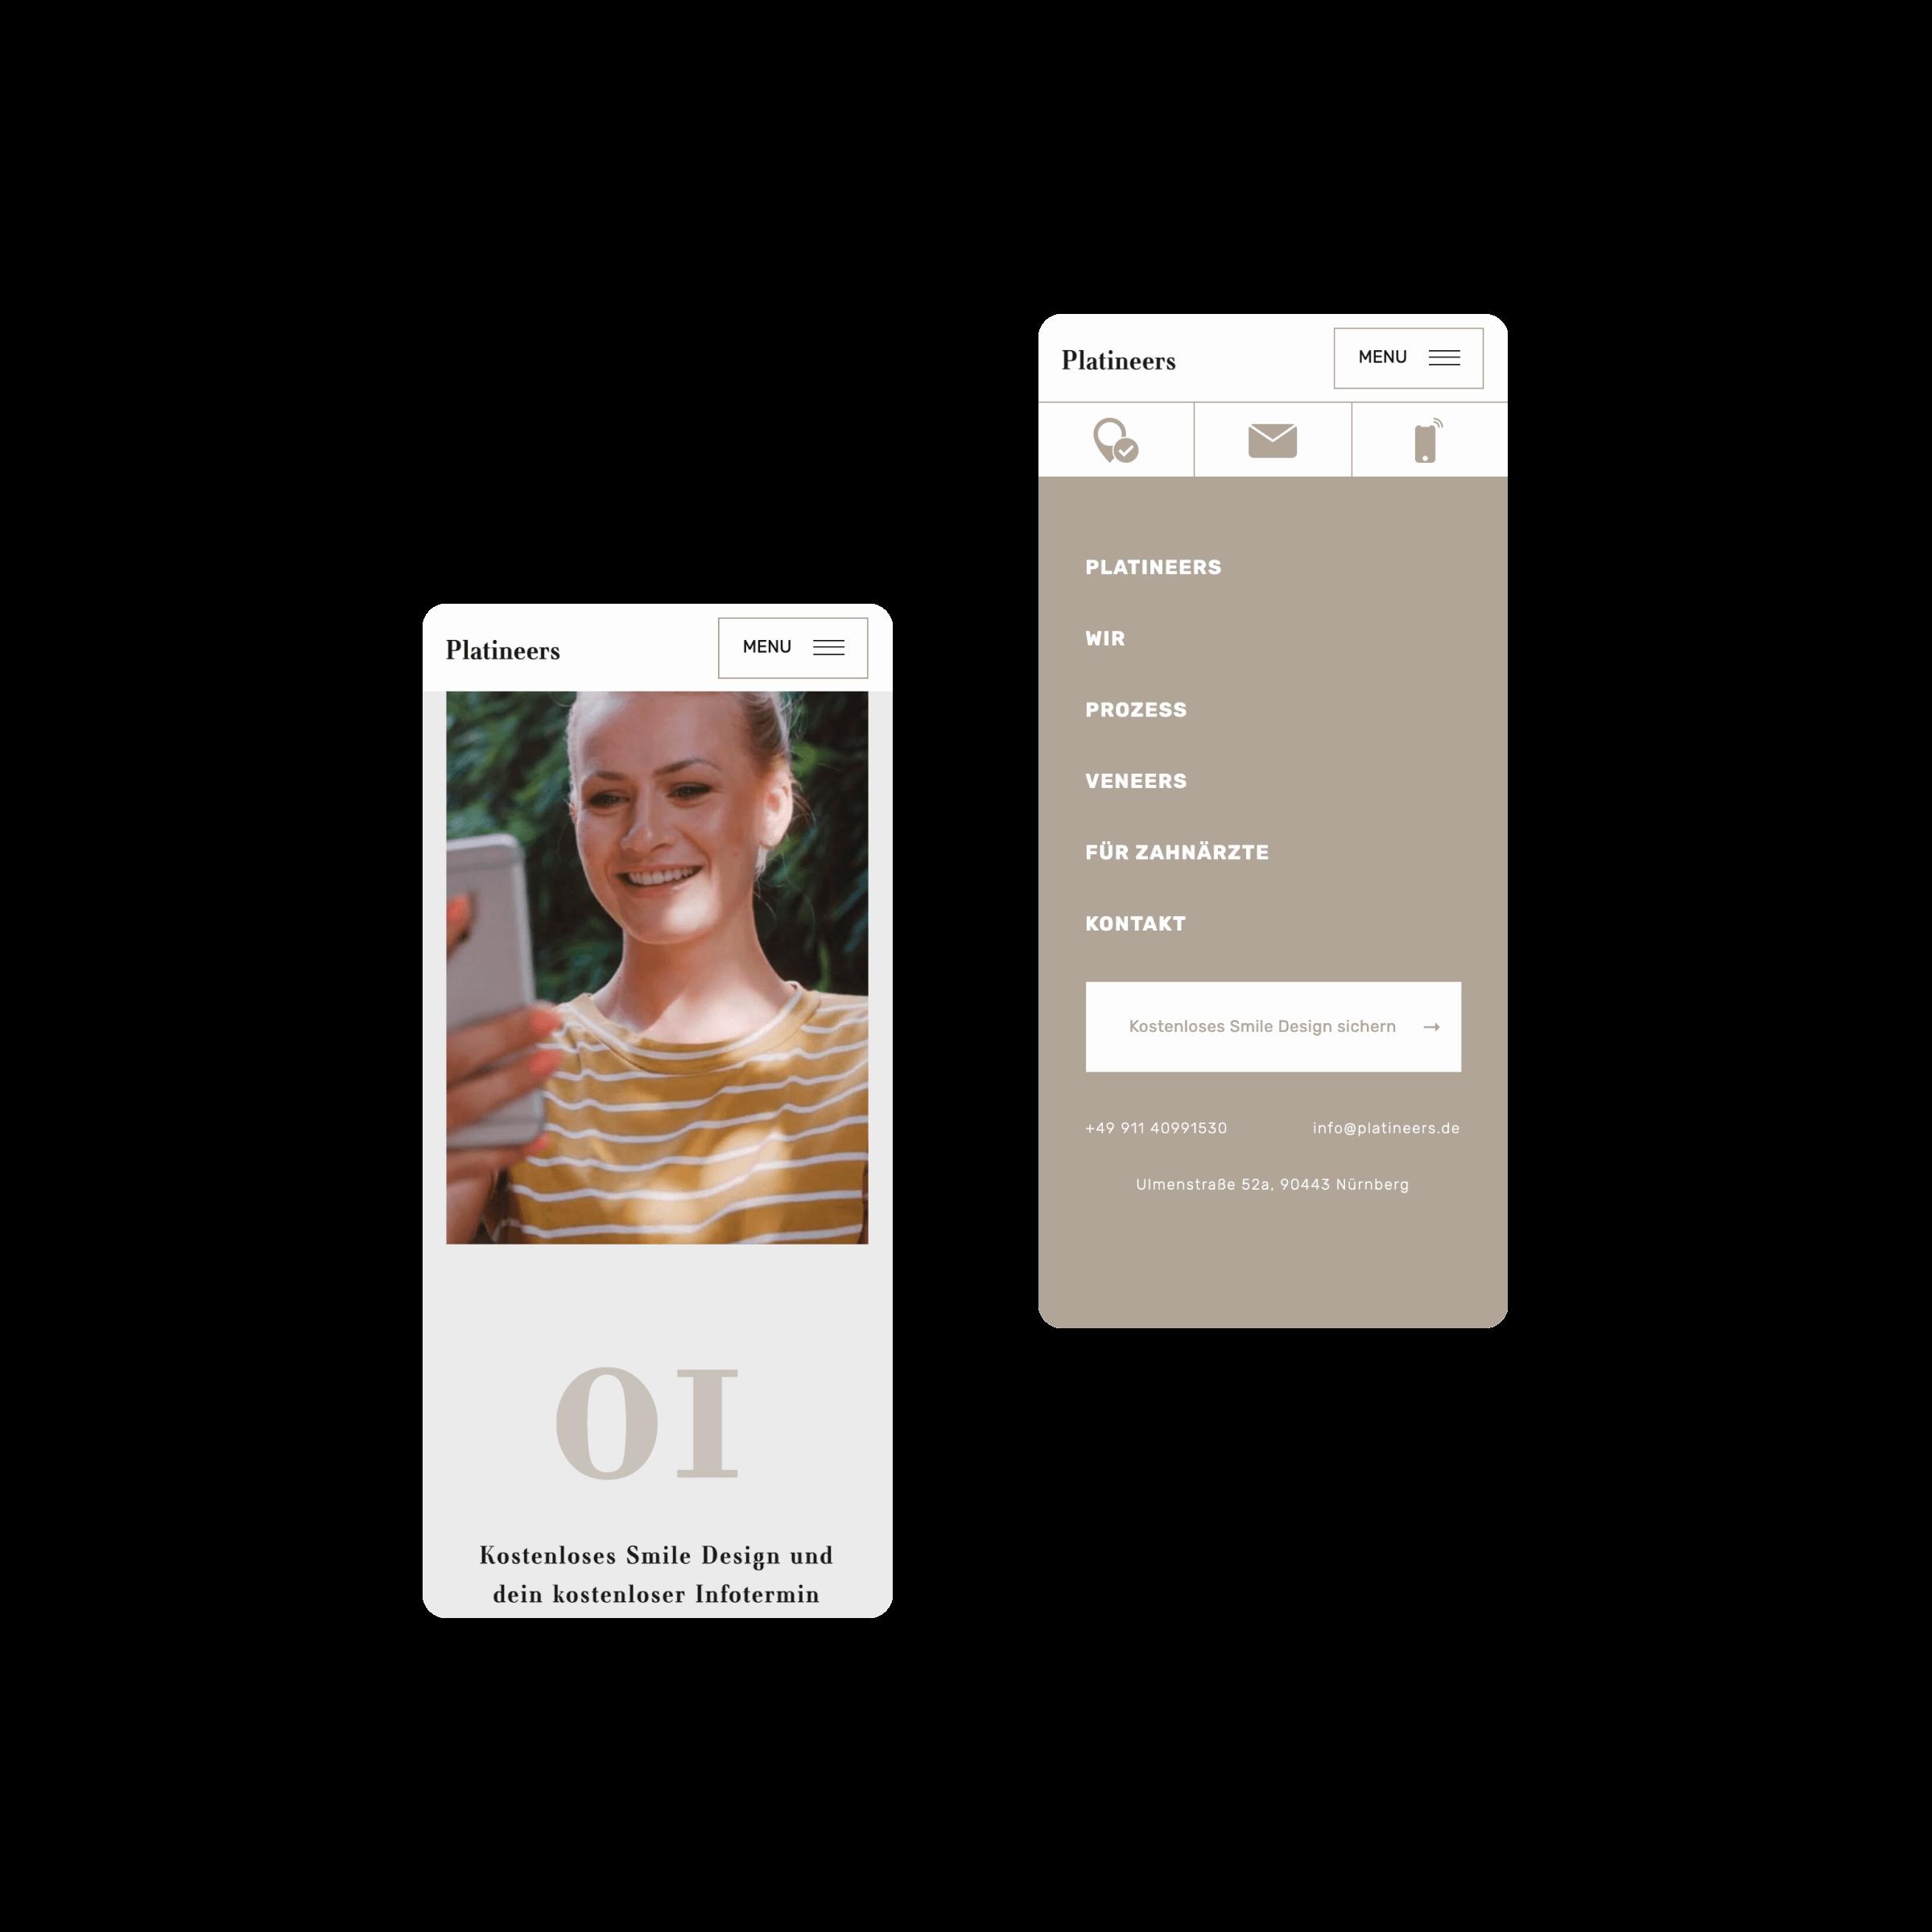 Bild der mobilen Website von Platineers, erstellt von Hofling - Studio für Webdesign.